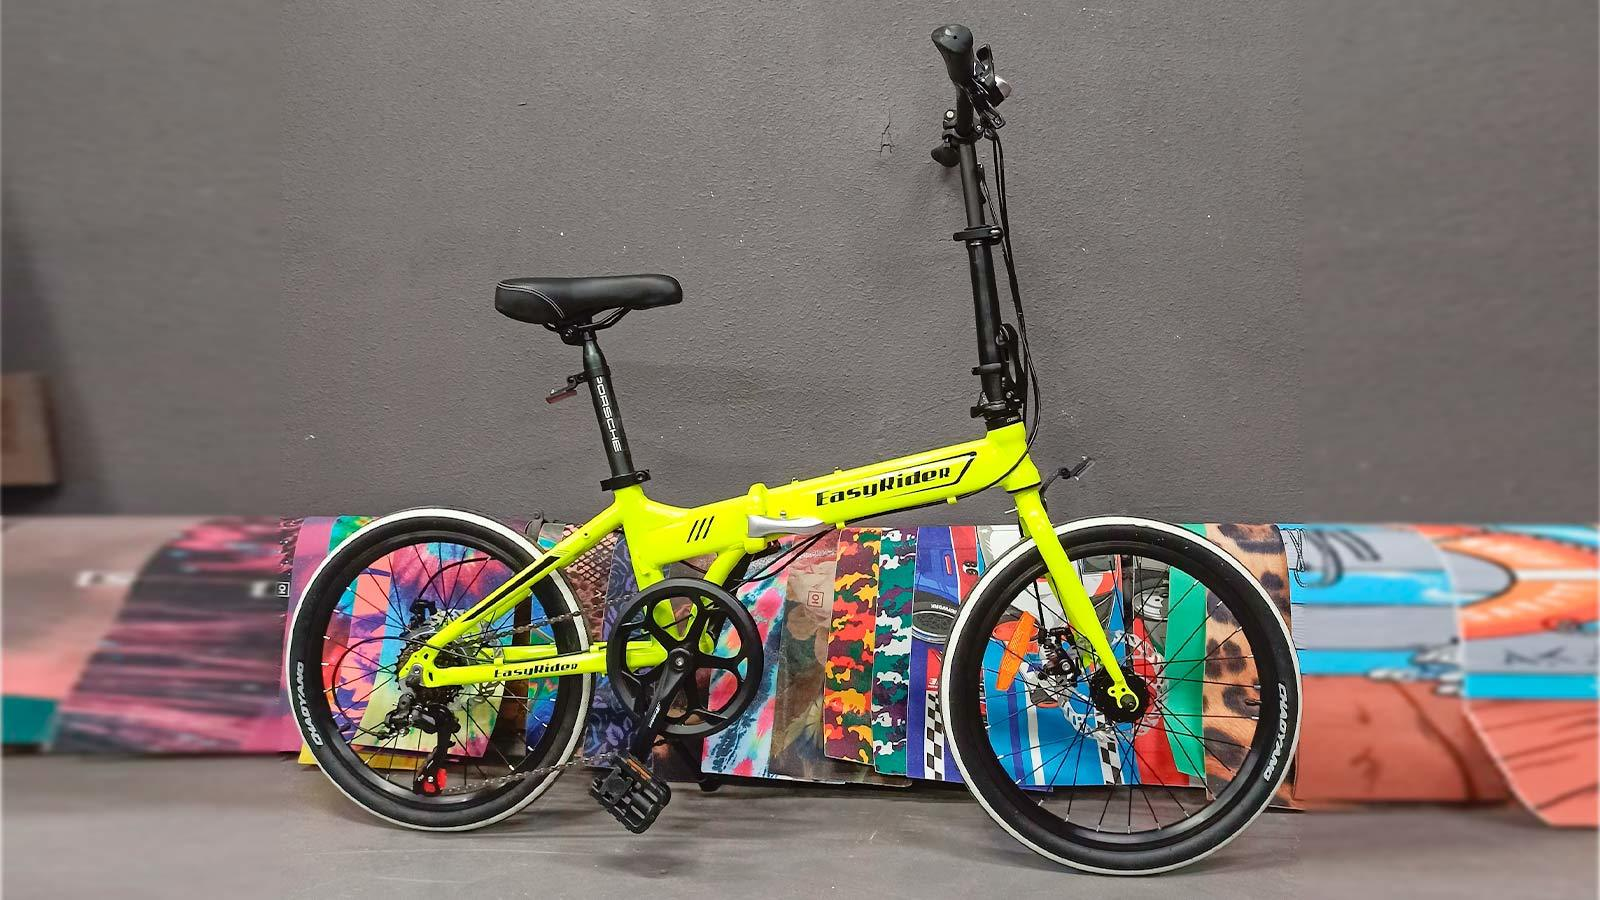 складной велосипед 20 дюймов Easyrider smart